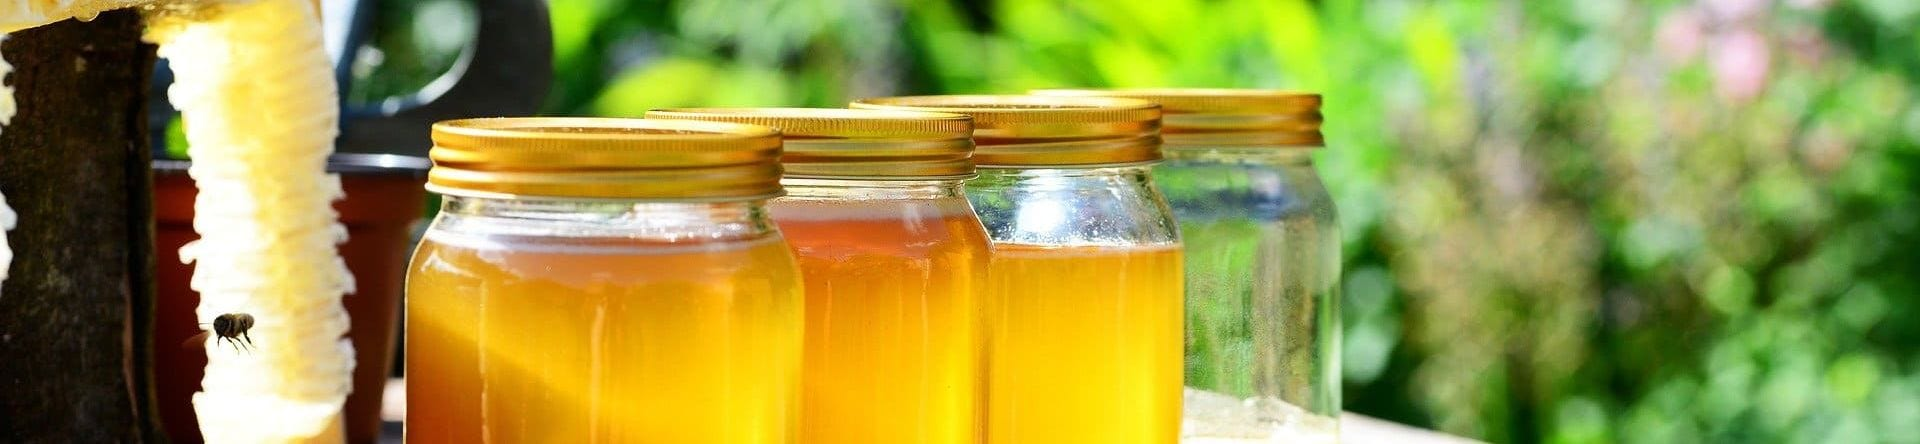 -10% apiculture récolte et hivernage